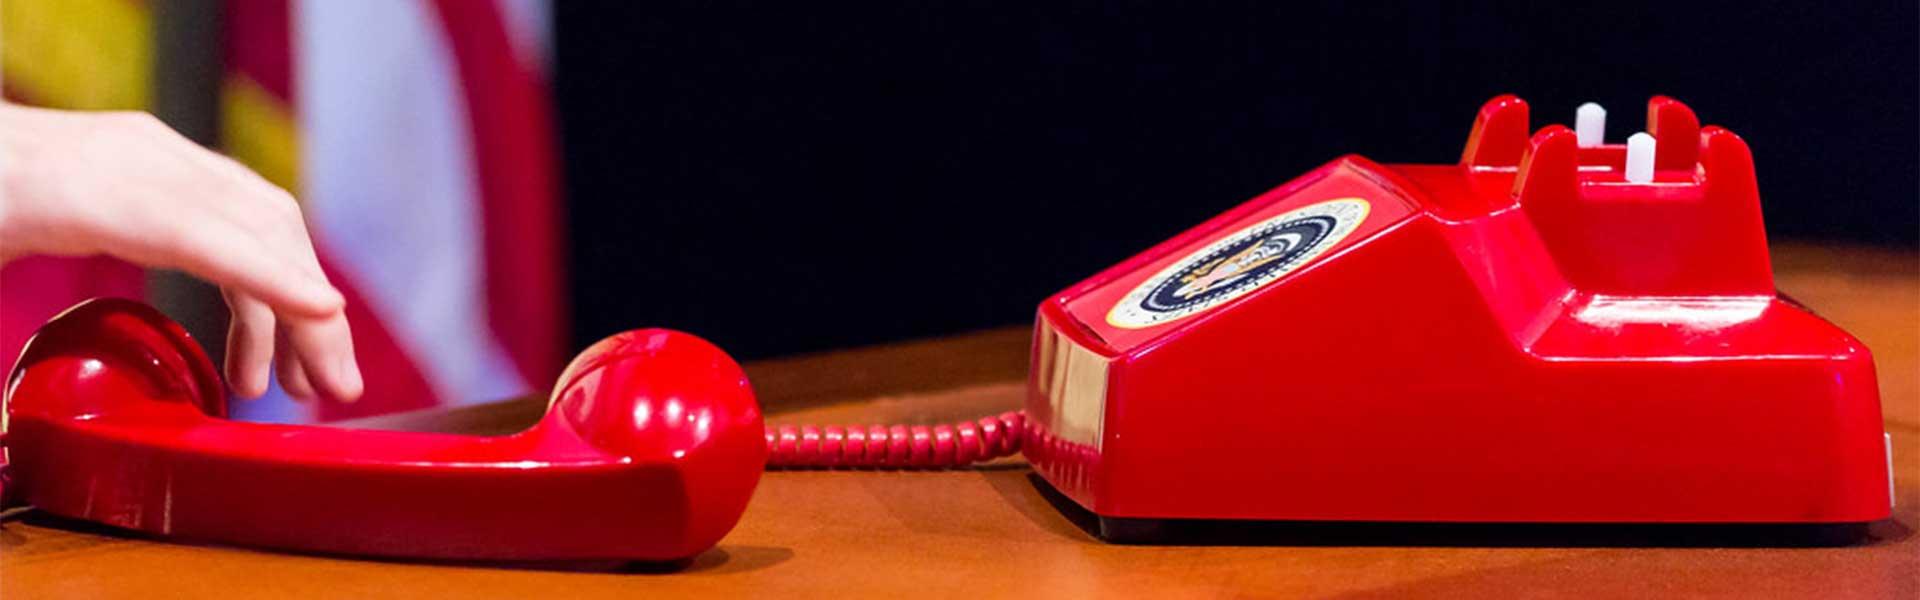 IIGM telefòn vermell